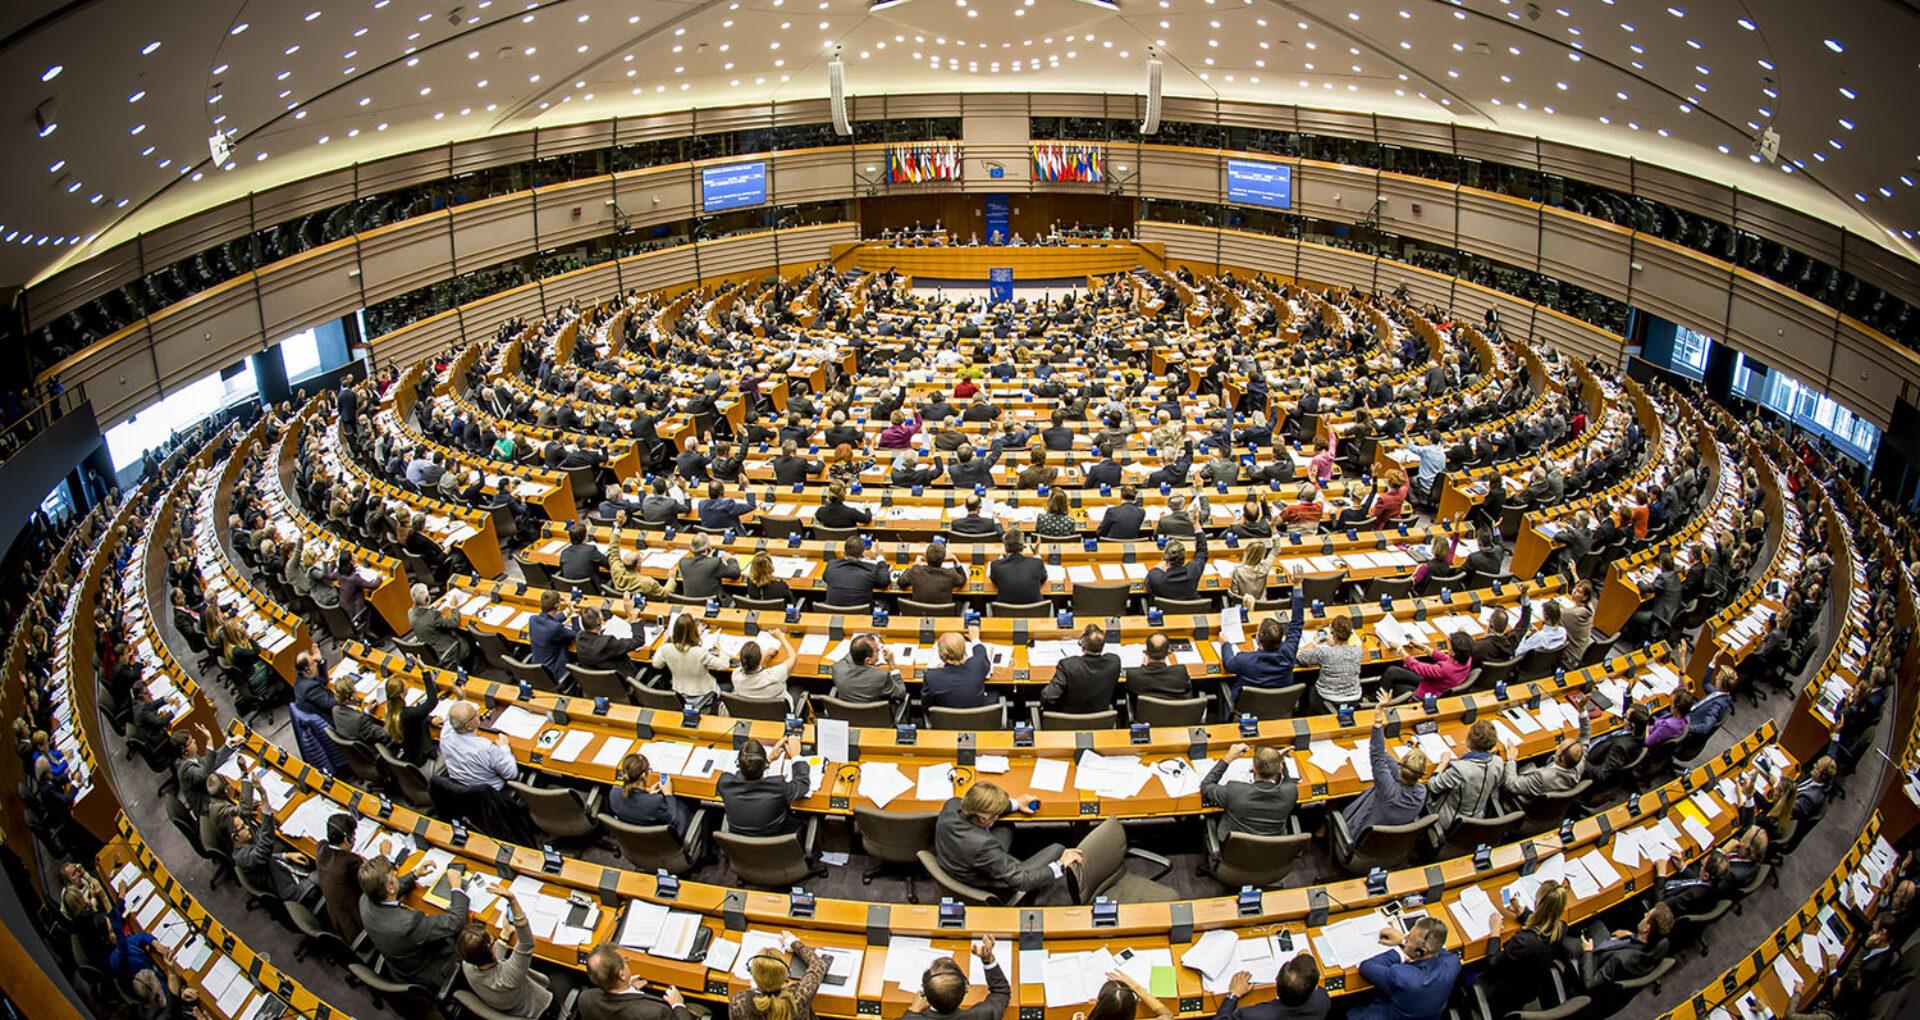 În Parlamentul European se va discuta despre democrație și stat de drept în R. Moldova